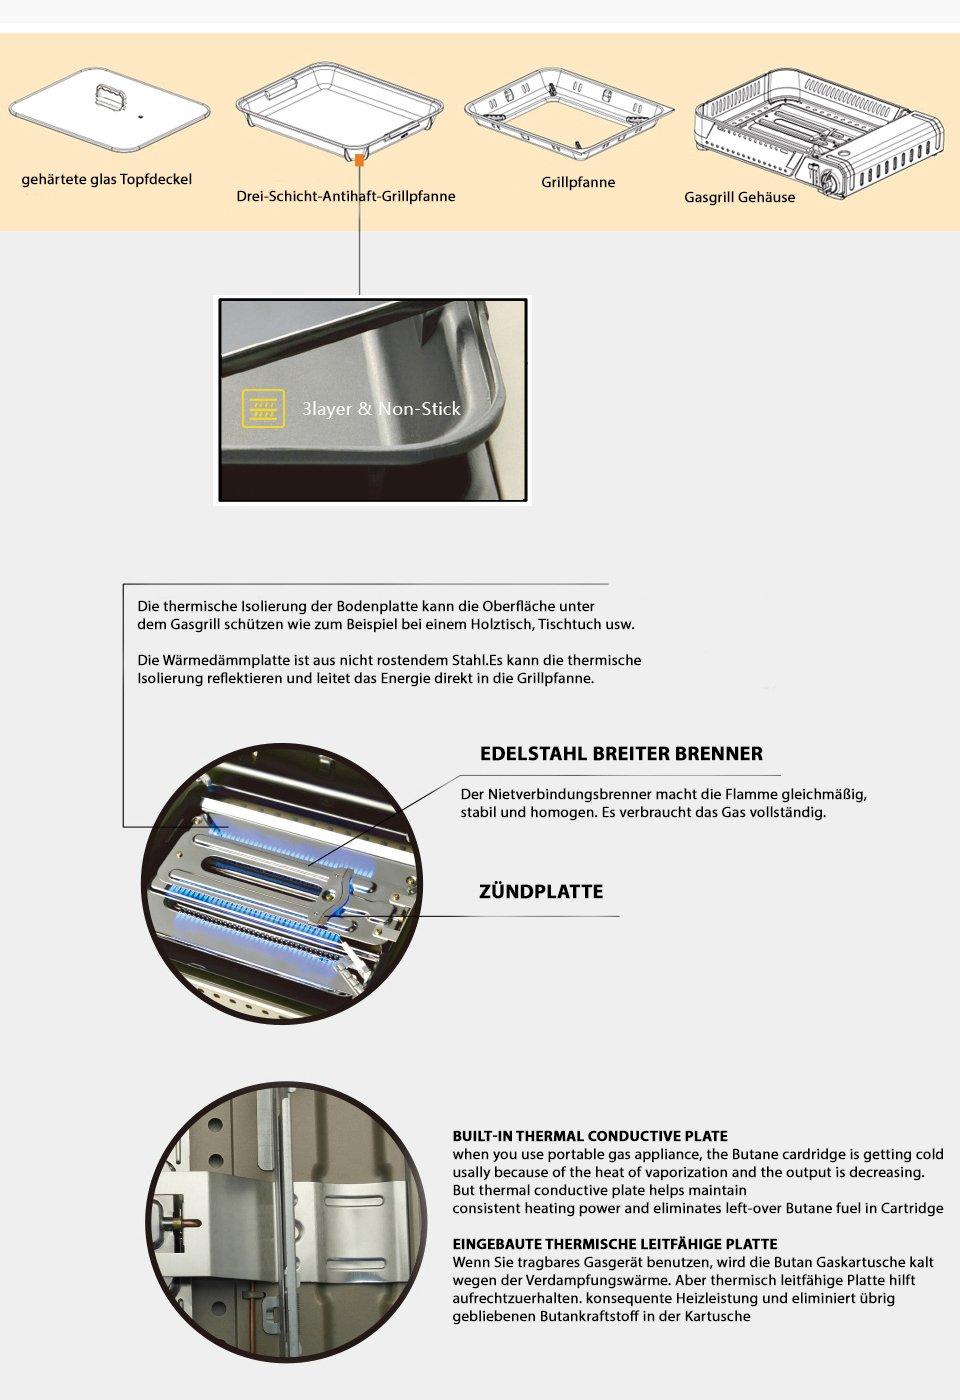 4X Gaskartuschen RSonic Deluxe tragbarer Gasgrill RS-8 mit Grillpfanne mit Glasdeckel 2,1 KW